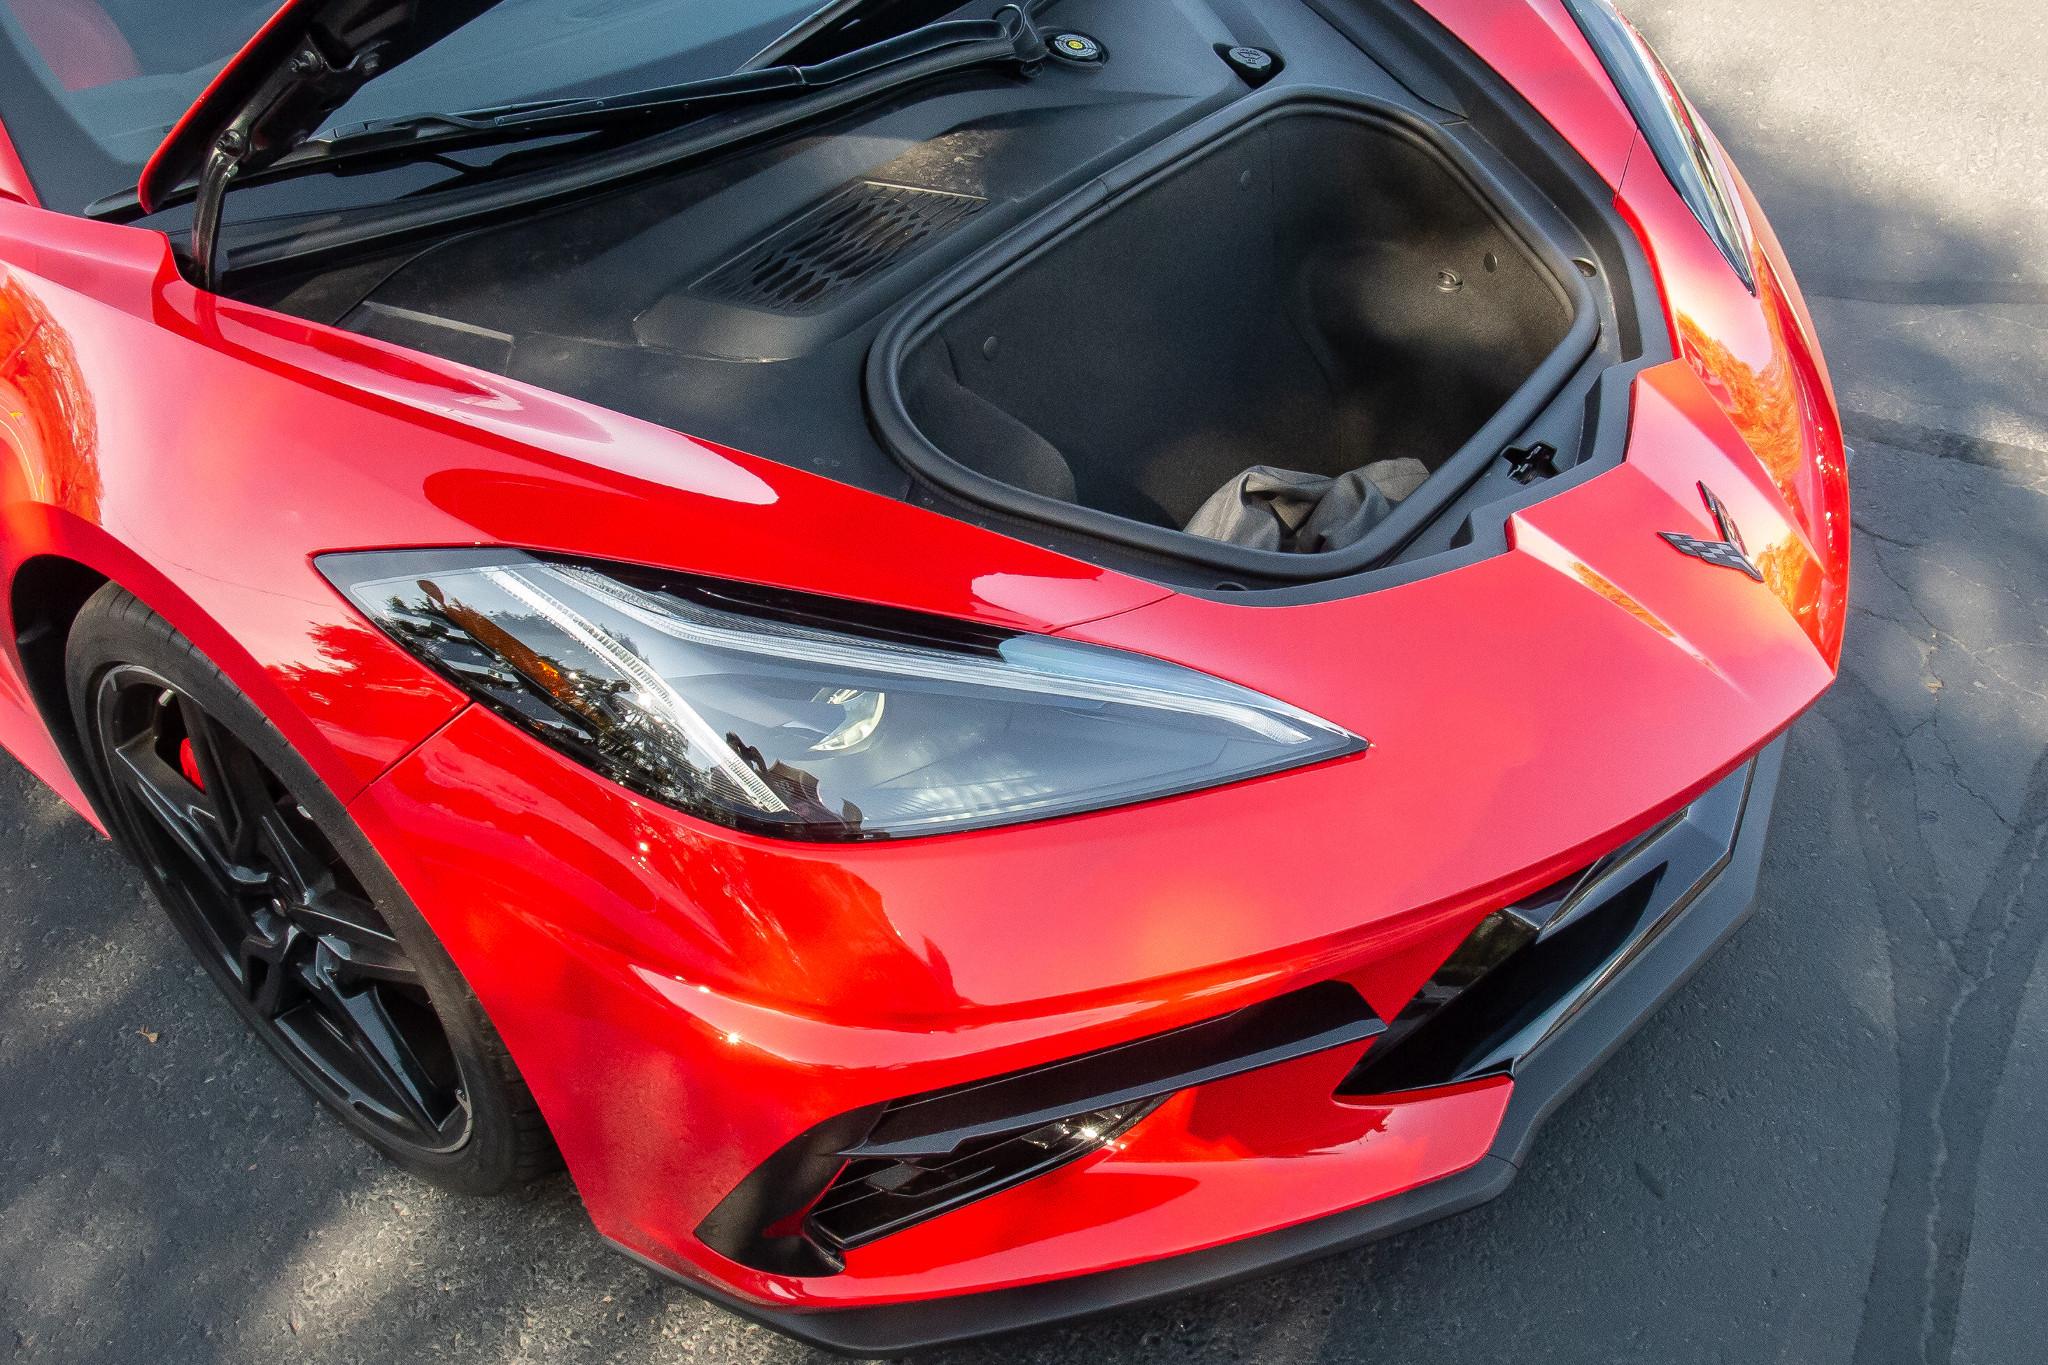 chevrolet-corvette-z51-2020-04-exterior--front--red--trunk.jpg